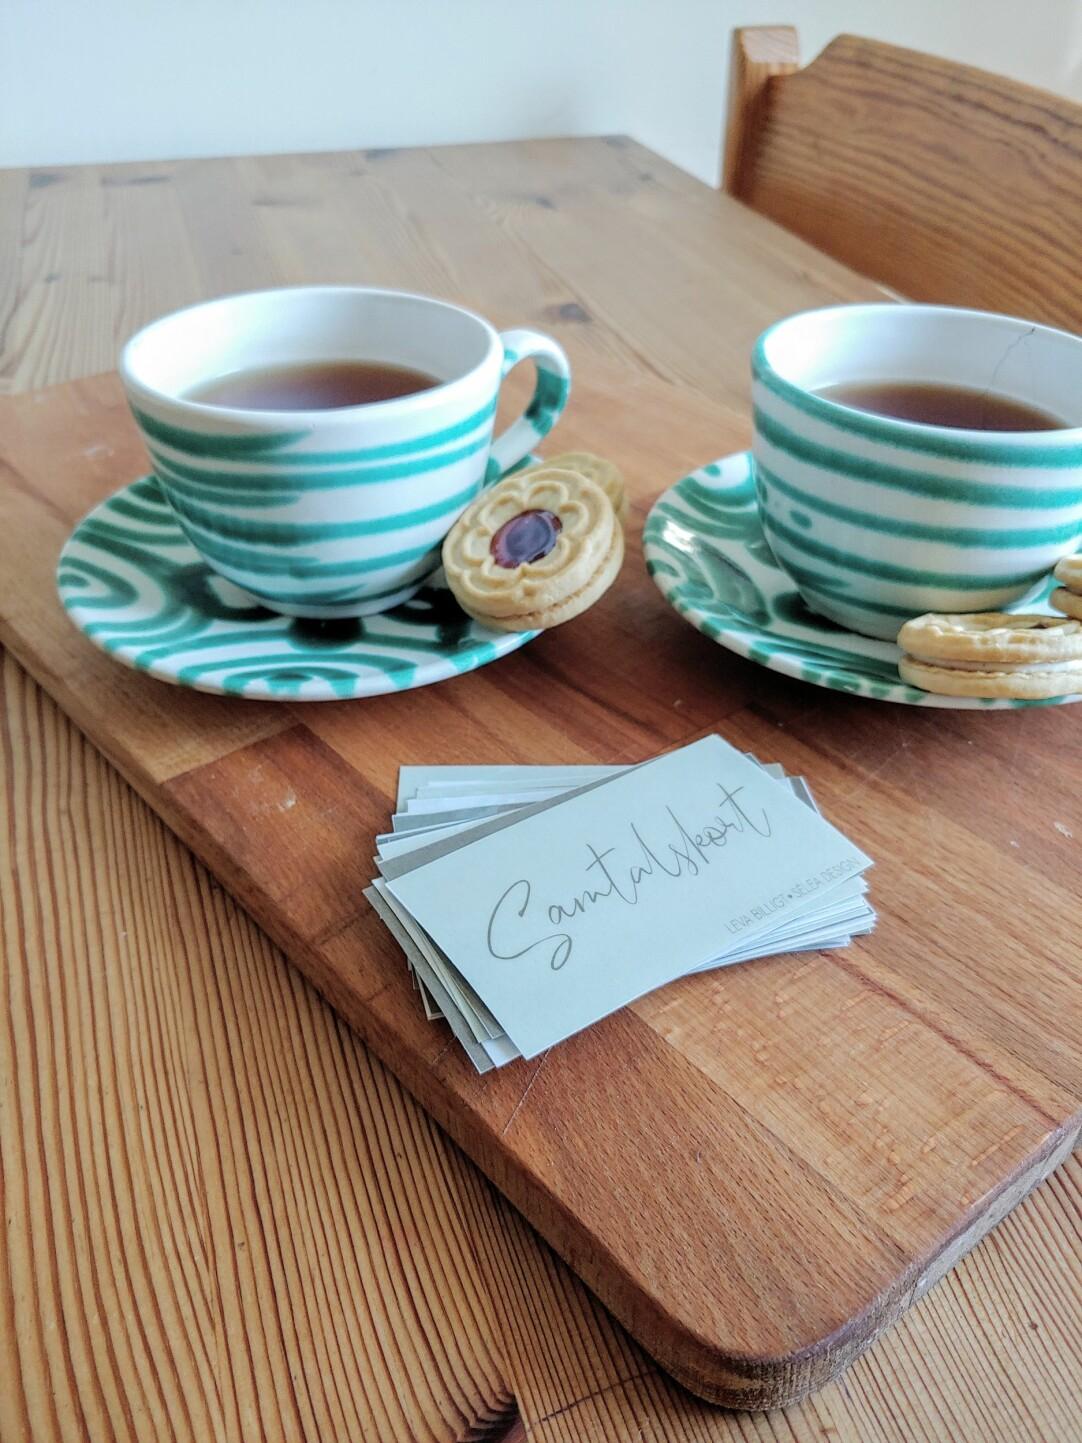 Två koppar med te och samtalskorten.